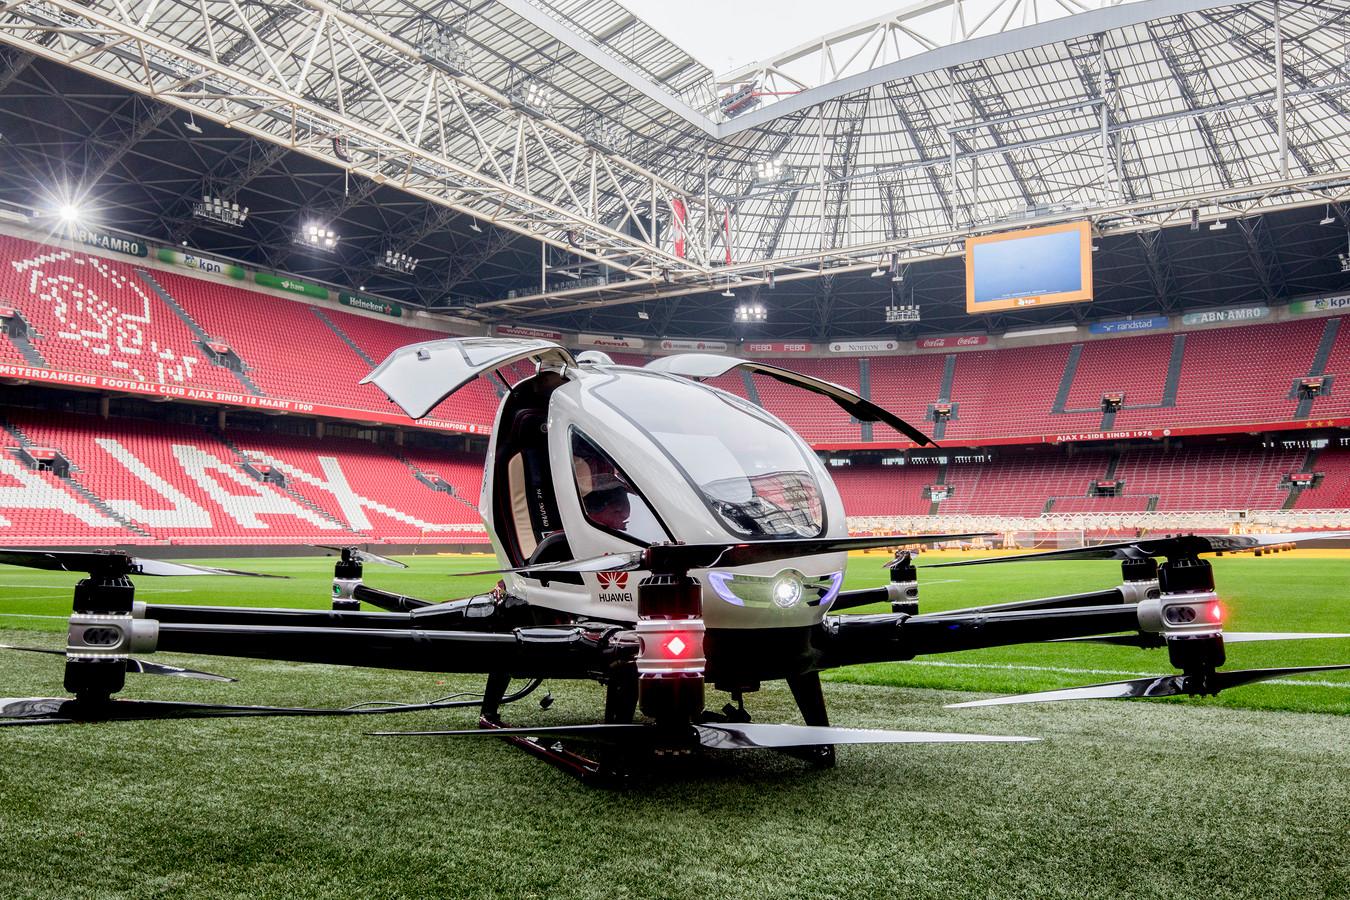 De presentatie van een drone-taxi in de Amsterdam ArenA. De drone biedt plaats aan een persoon tot 100 kilo en een klein stuk bagage. Foto Niels Wenstedt